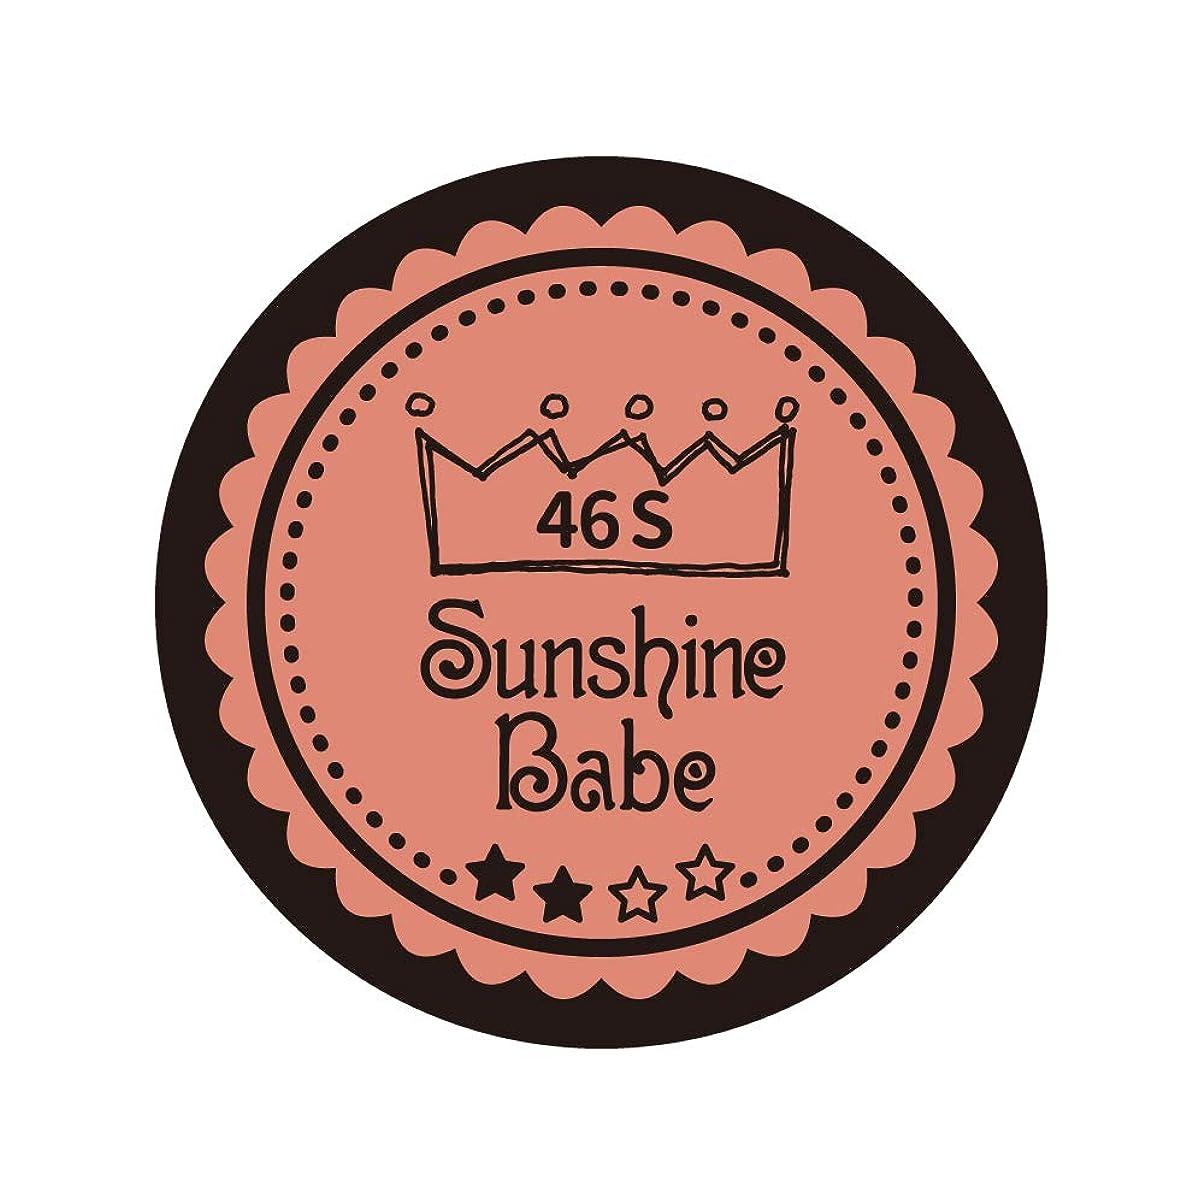 与える気質雇用Sunshine Babe カラージェル 46S ピンクベージュ 2.7g UV/LED対応